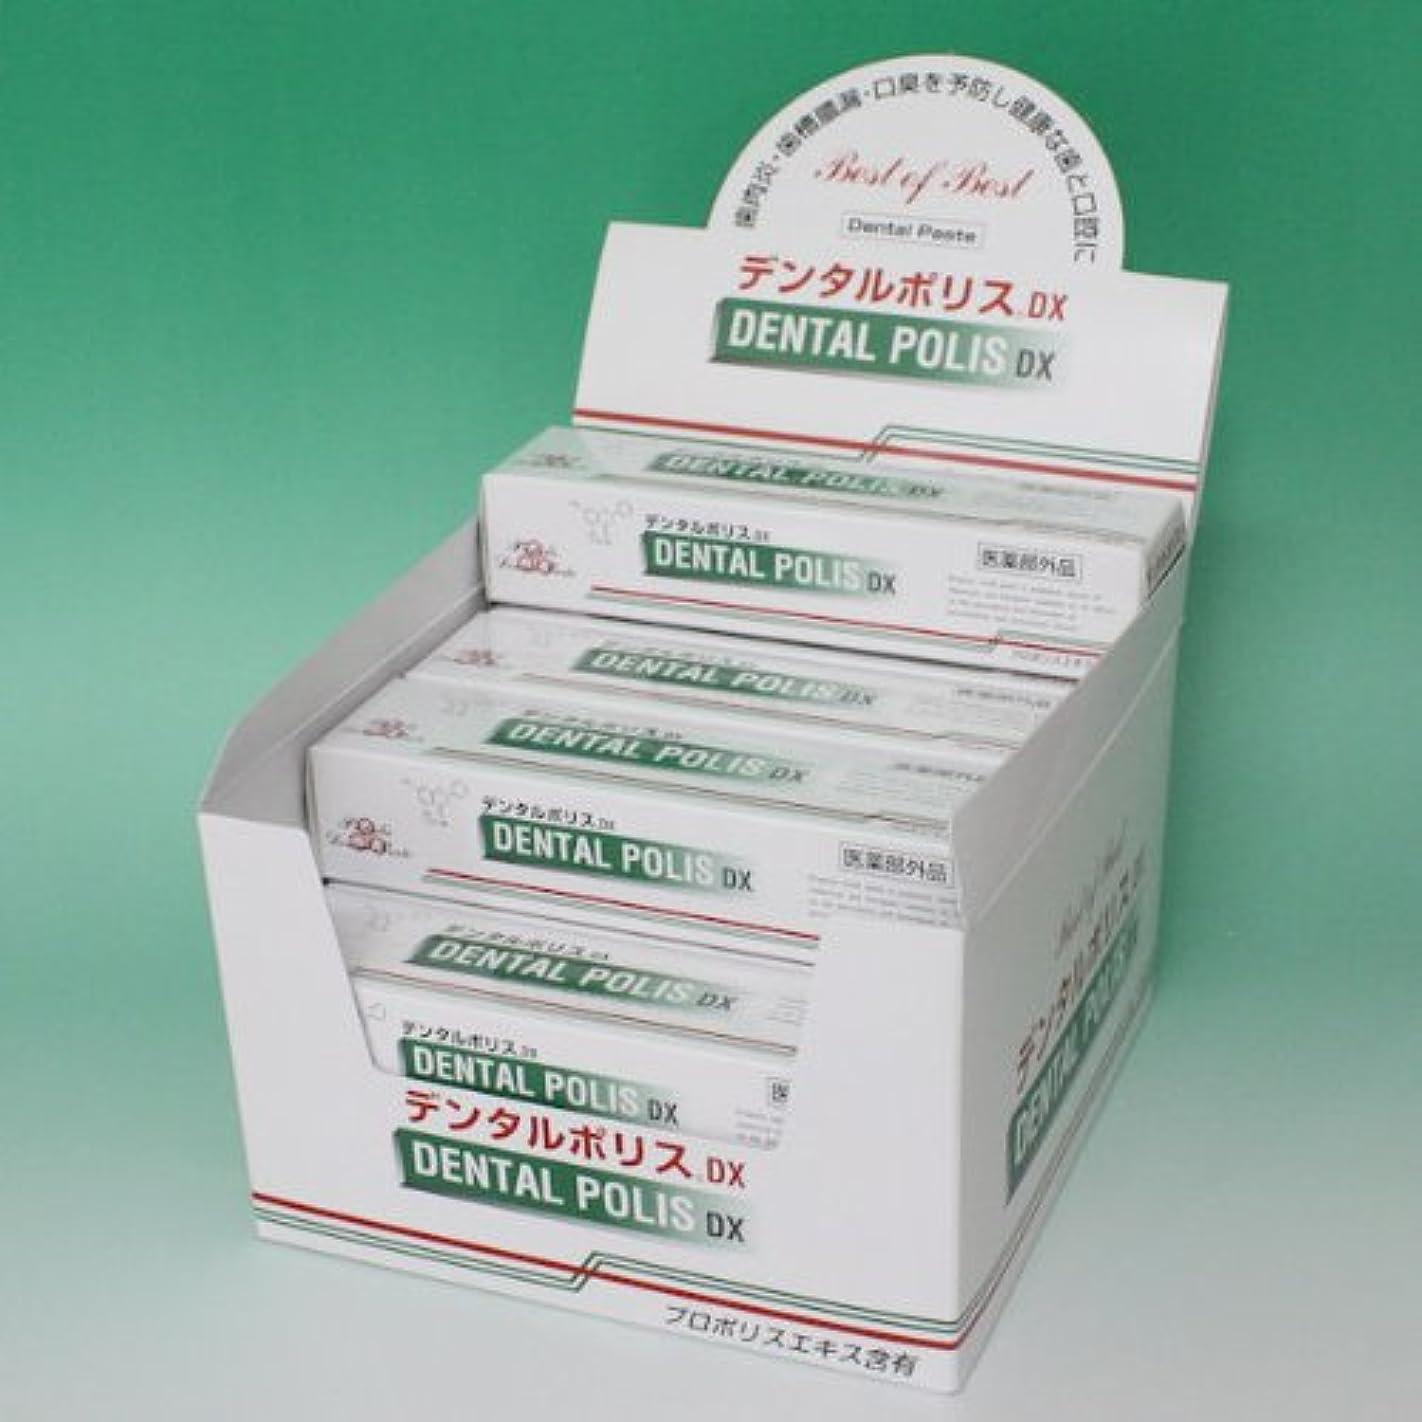 大きいわがままオーケストラデンタルポリスDX 80g  12本セット 医薬部外品  歯みがき 8gサンプル2本 進呈!